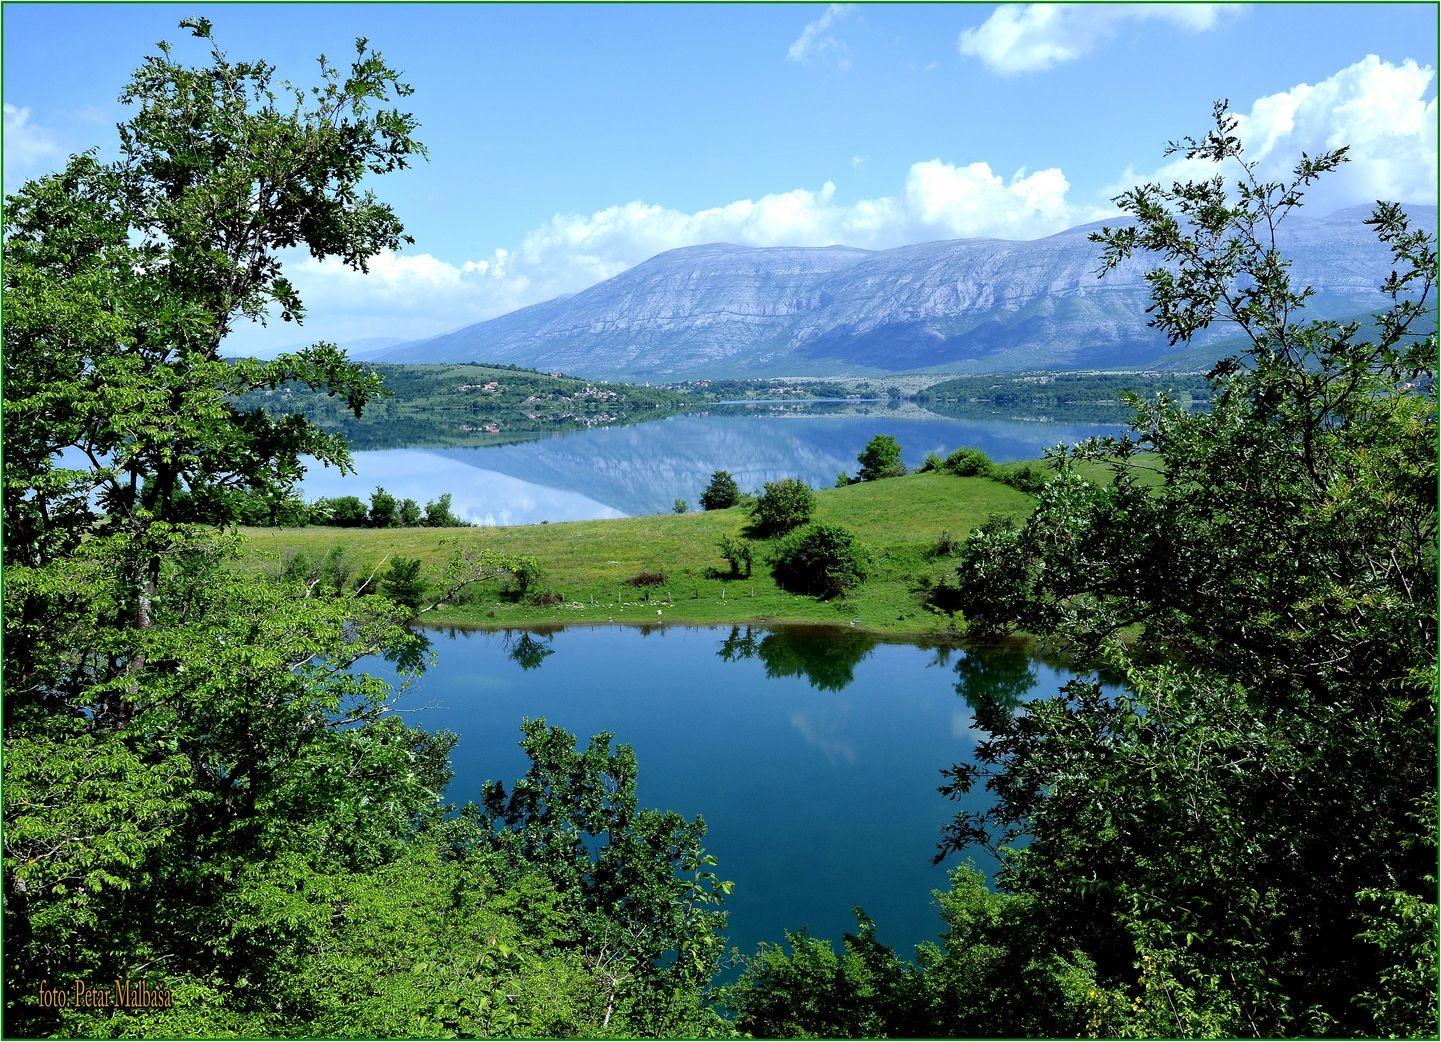 7. ..u pozadini planina Dinara koju je gazio Hrvatski vojnik u Operaciji Oluja kad je oslobađao kraljevski grad Knin 5.kolovoza 1995...